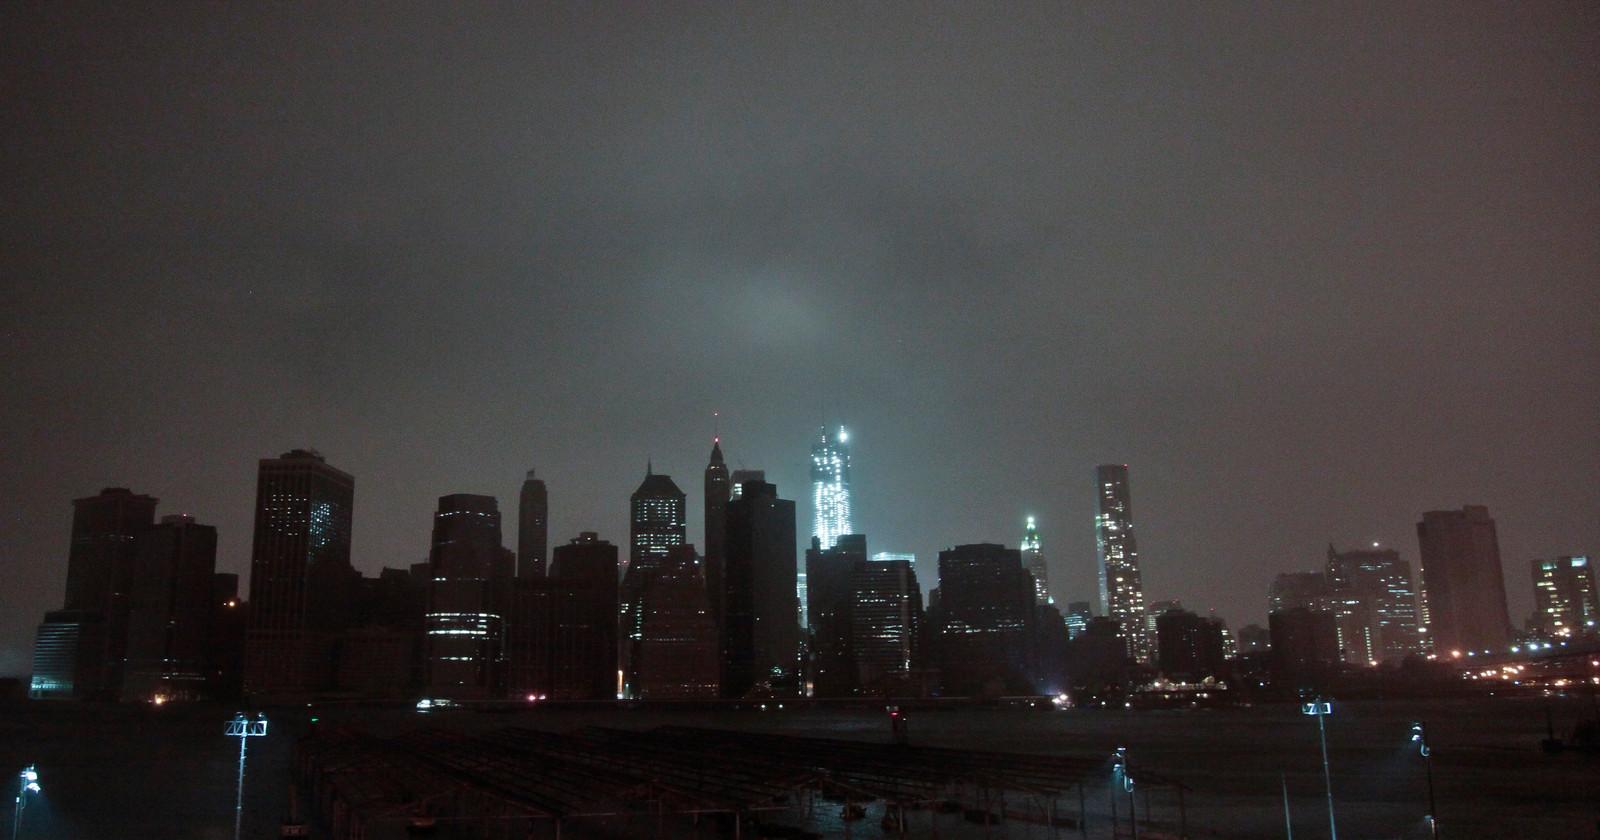 Een deel van Lower Manhattan (New York) is maandagavond in duisternis gehuld na de komst van superstorm Sandy.